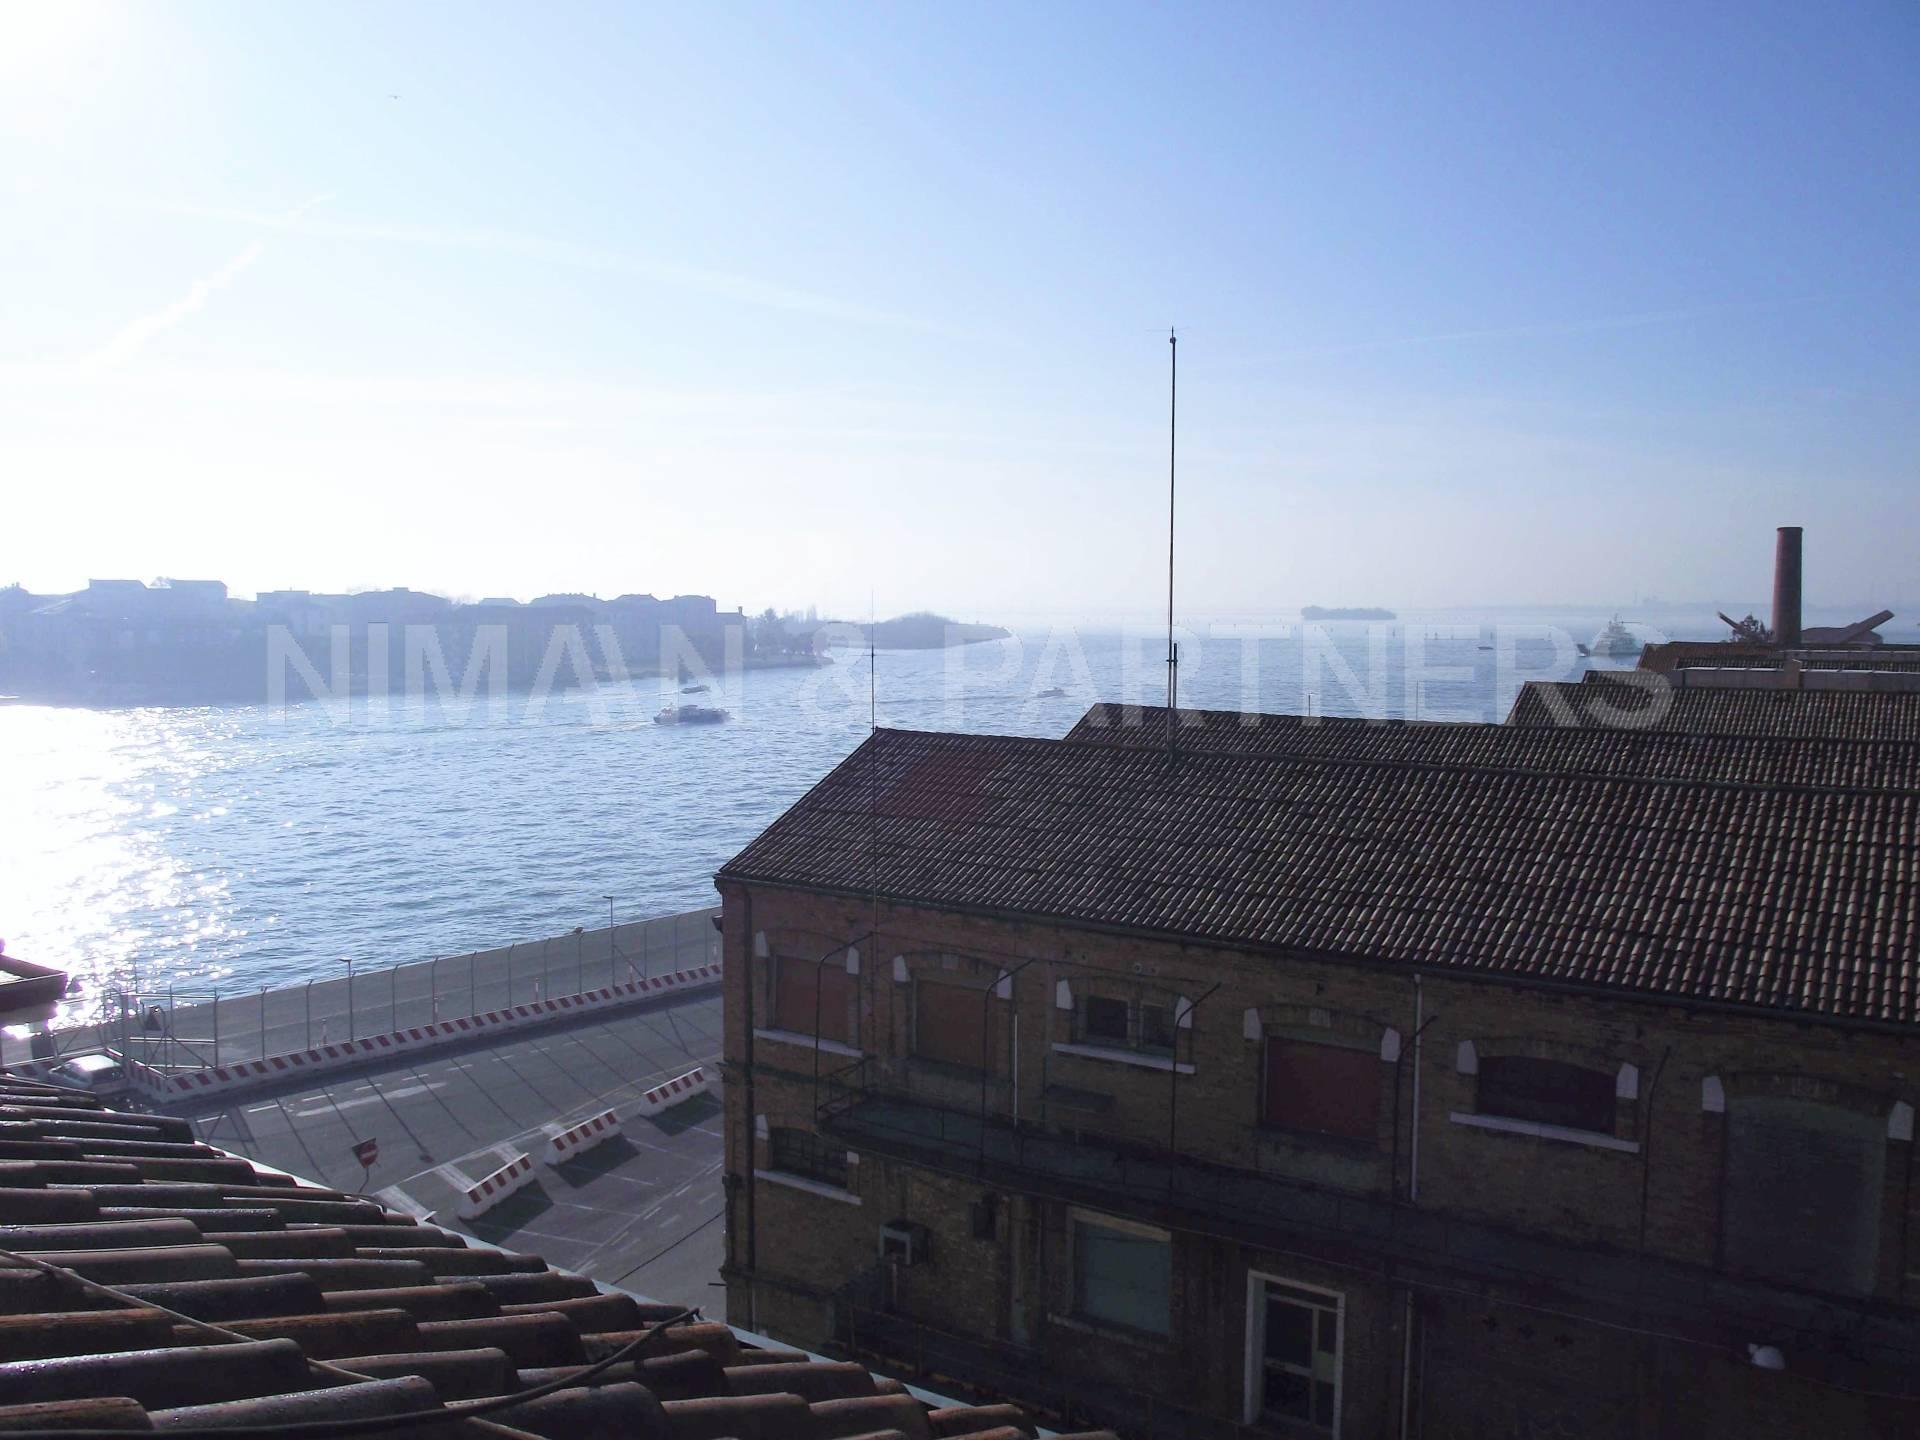 Appartamento in vendita a Venezia, 4 locali, zona Zona: 6 . Dorsoduro, prezzo € 540.000 | Cambio Casa.it